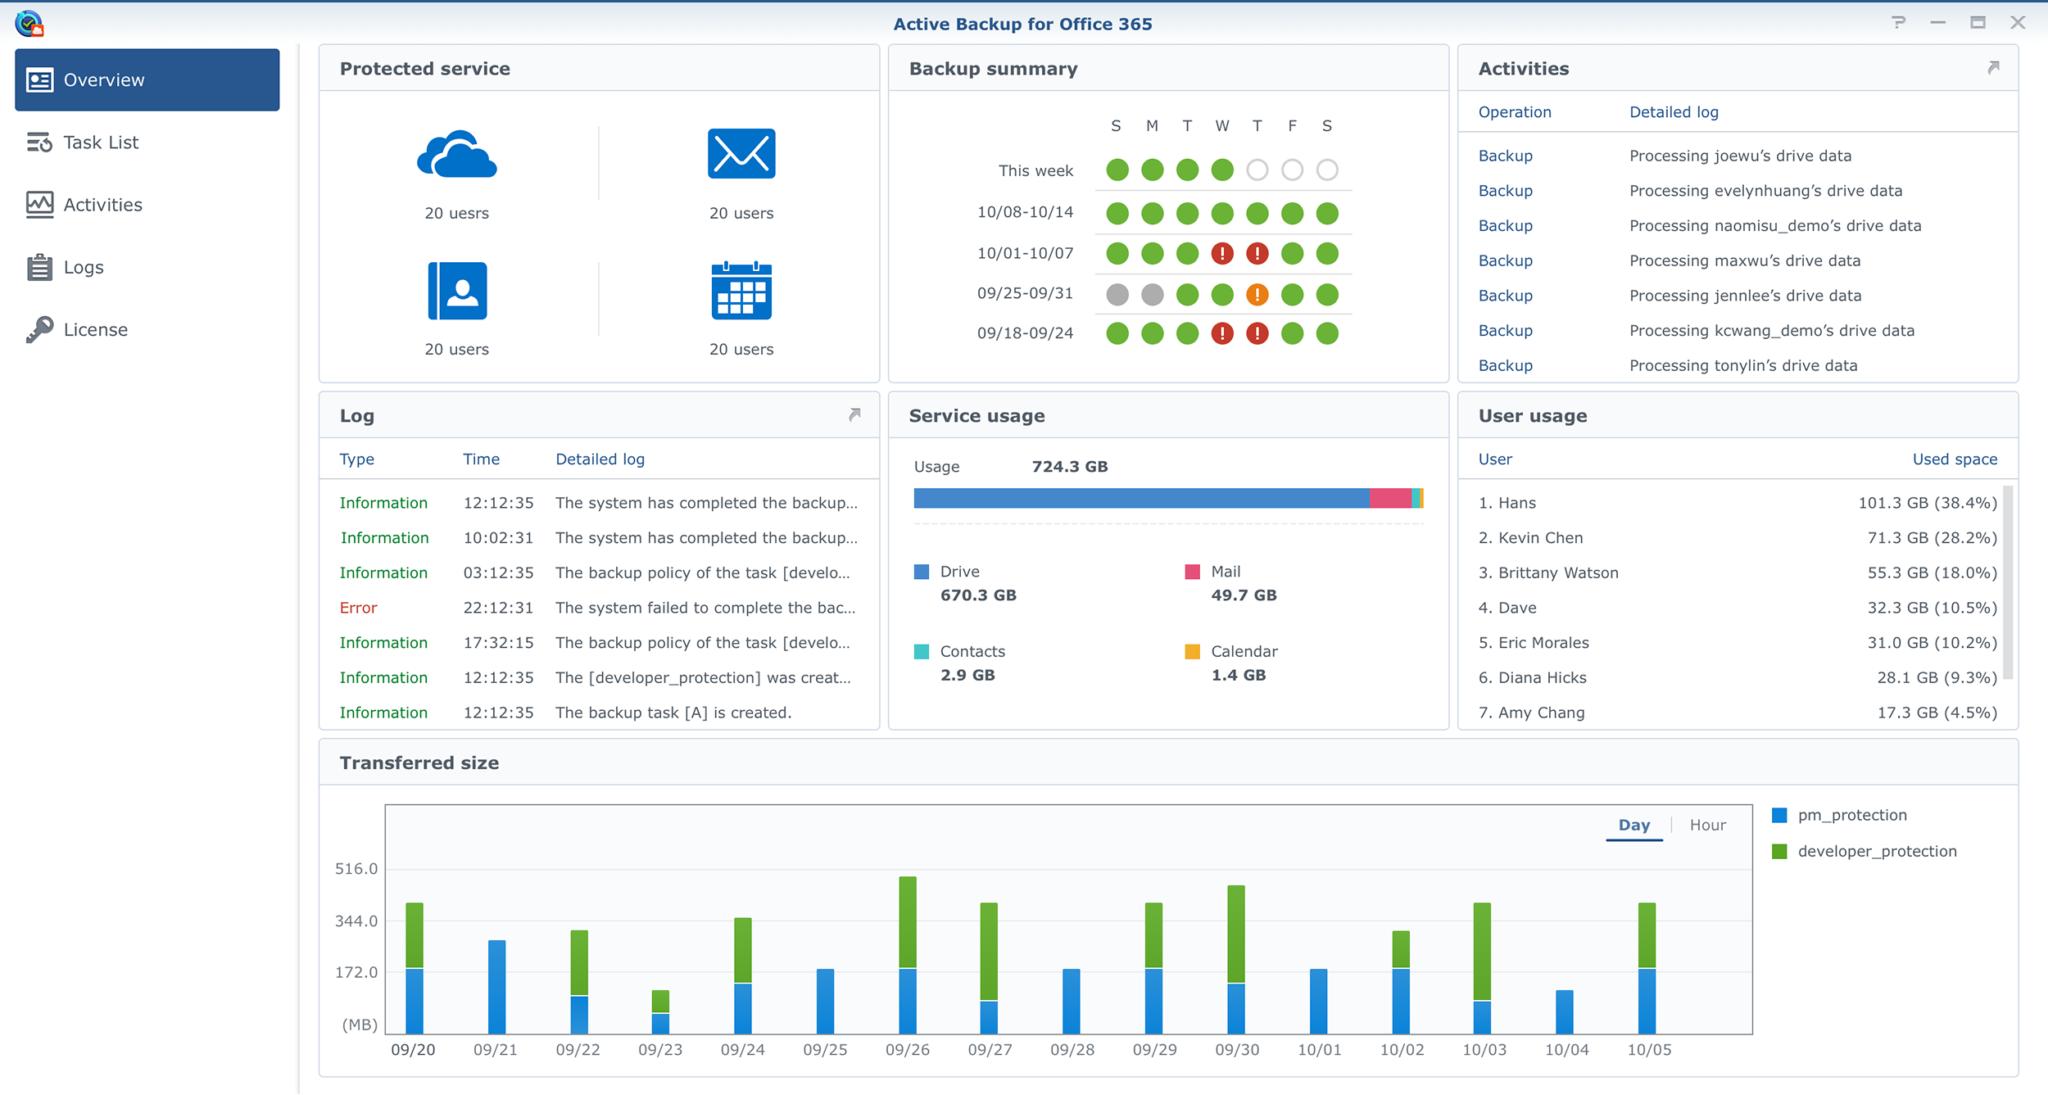 A Synology® bejelentette az Active Backup for Office 365 2.0 bétaverziójának megjelenését